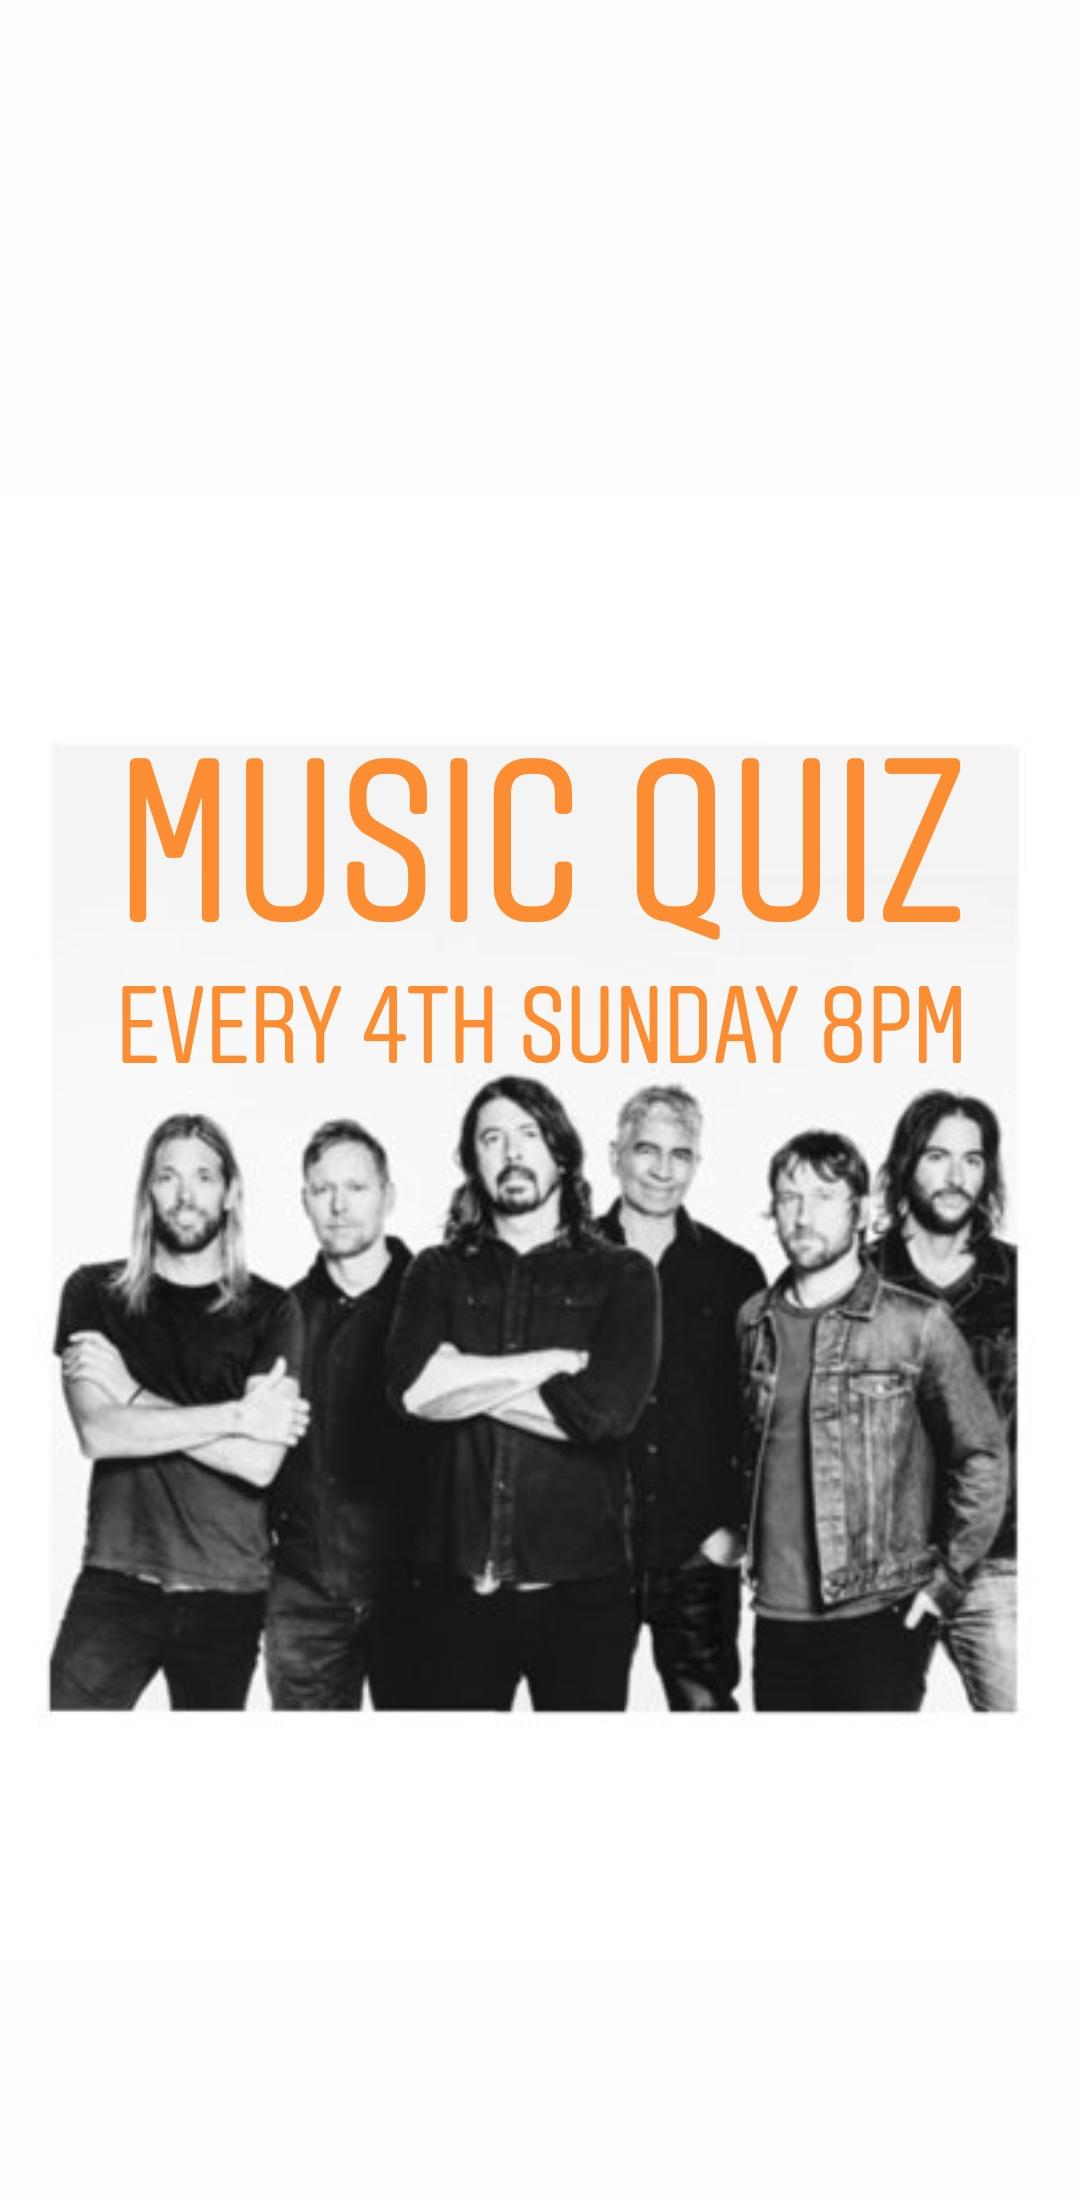 music quiz.jpg